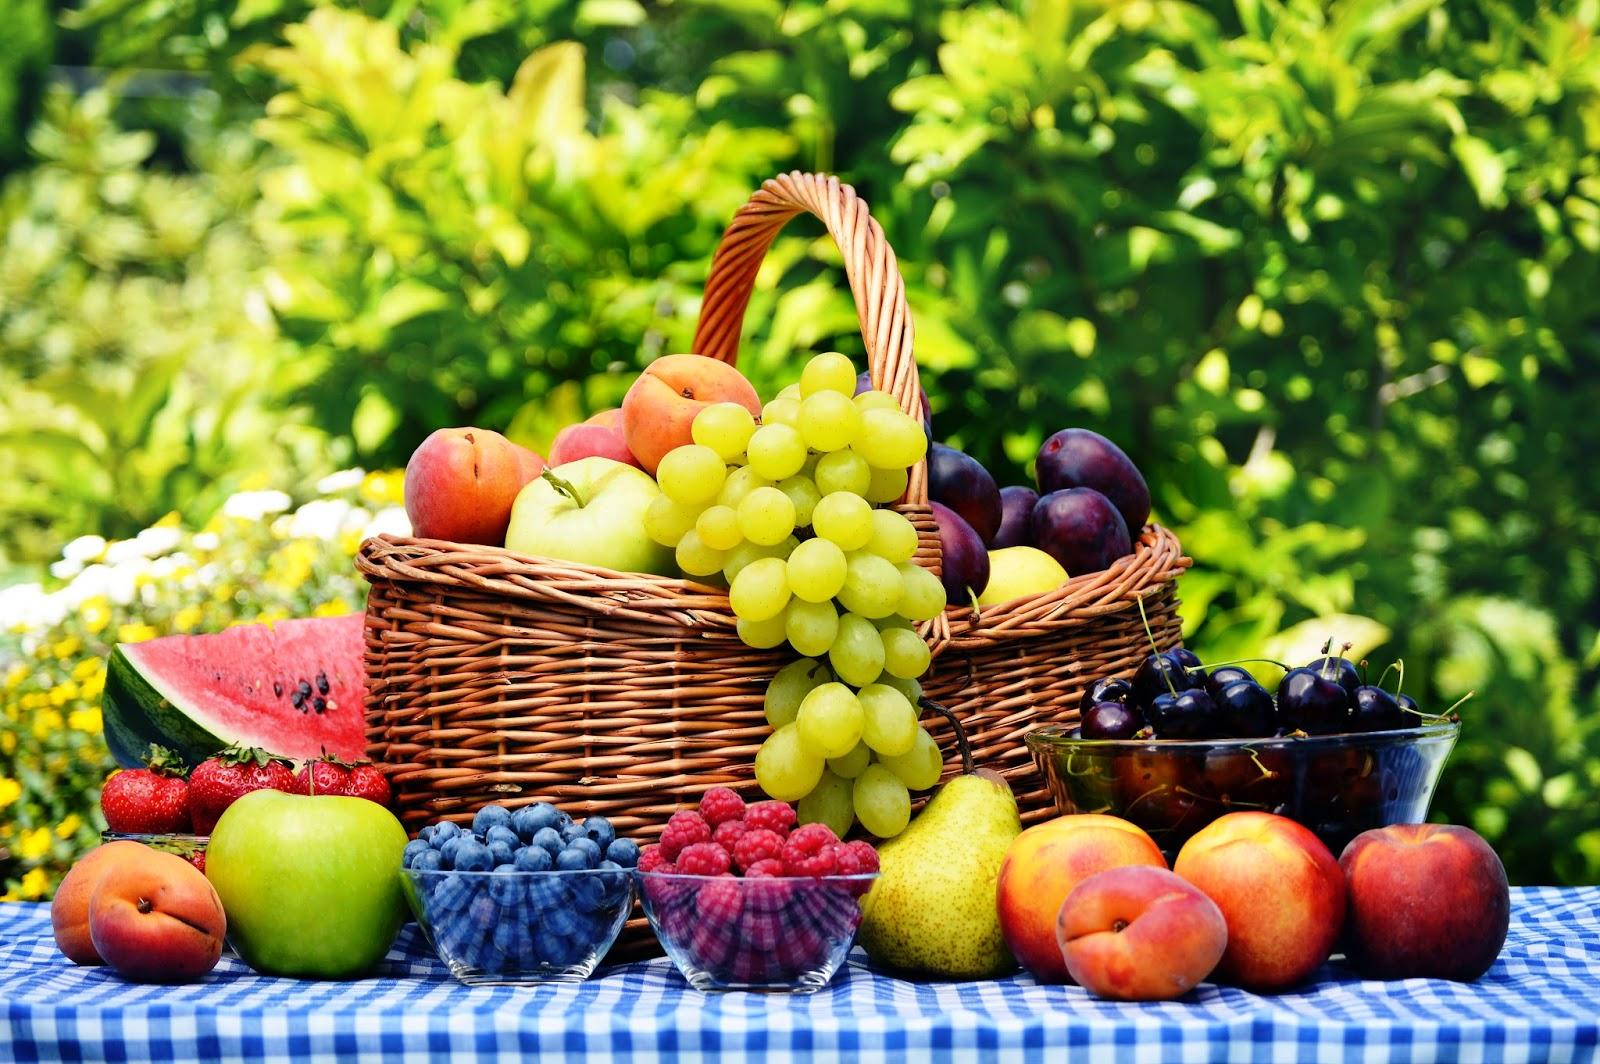 Какие фрукты полезны при гастрите и как их правильно употреблять